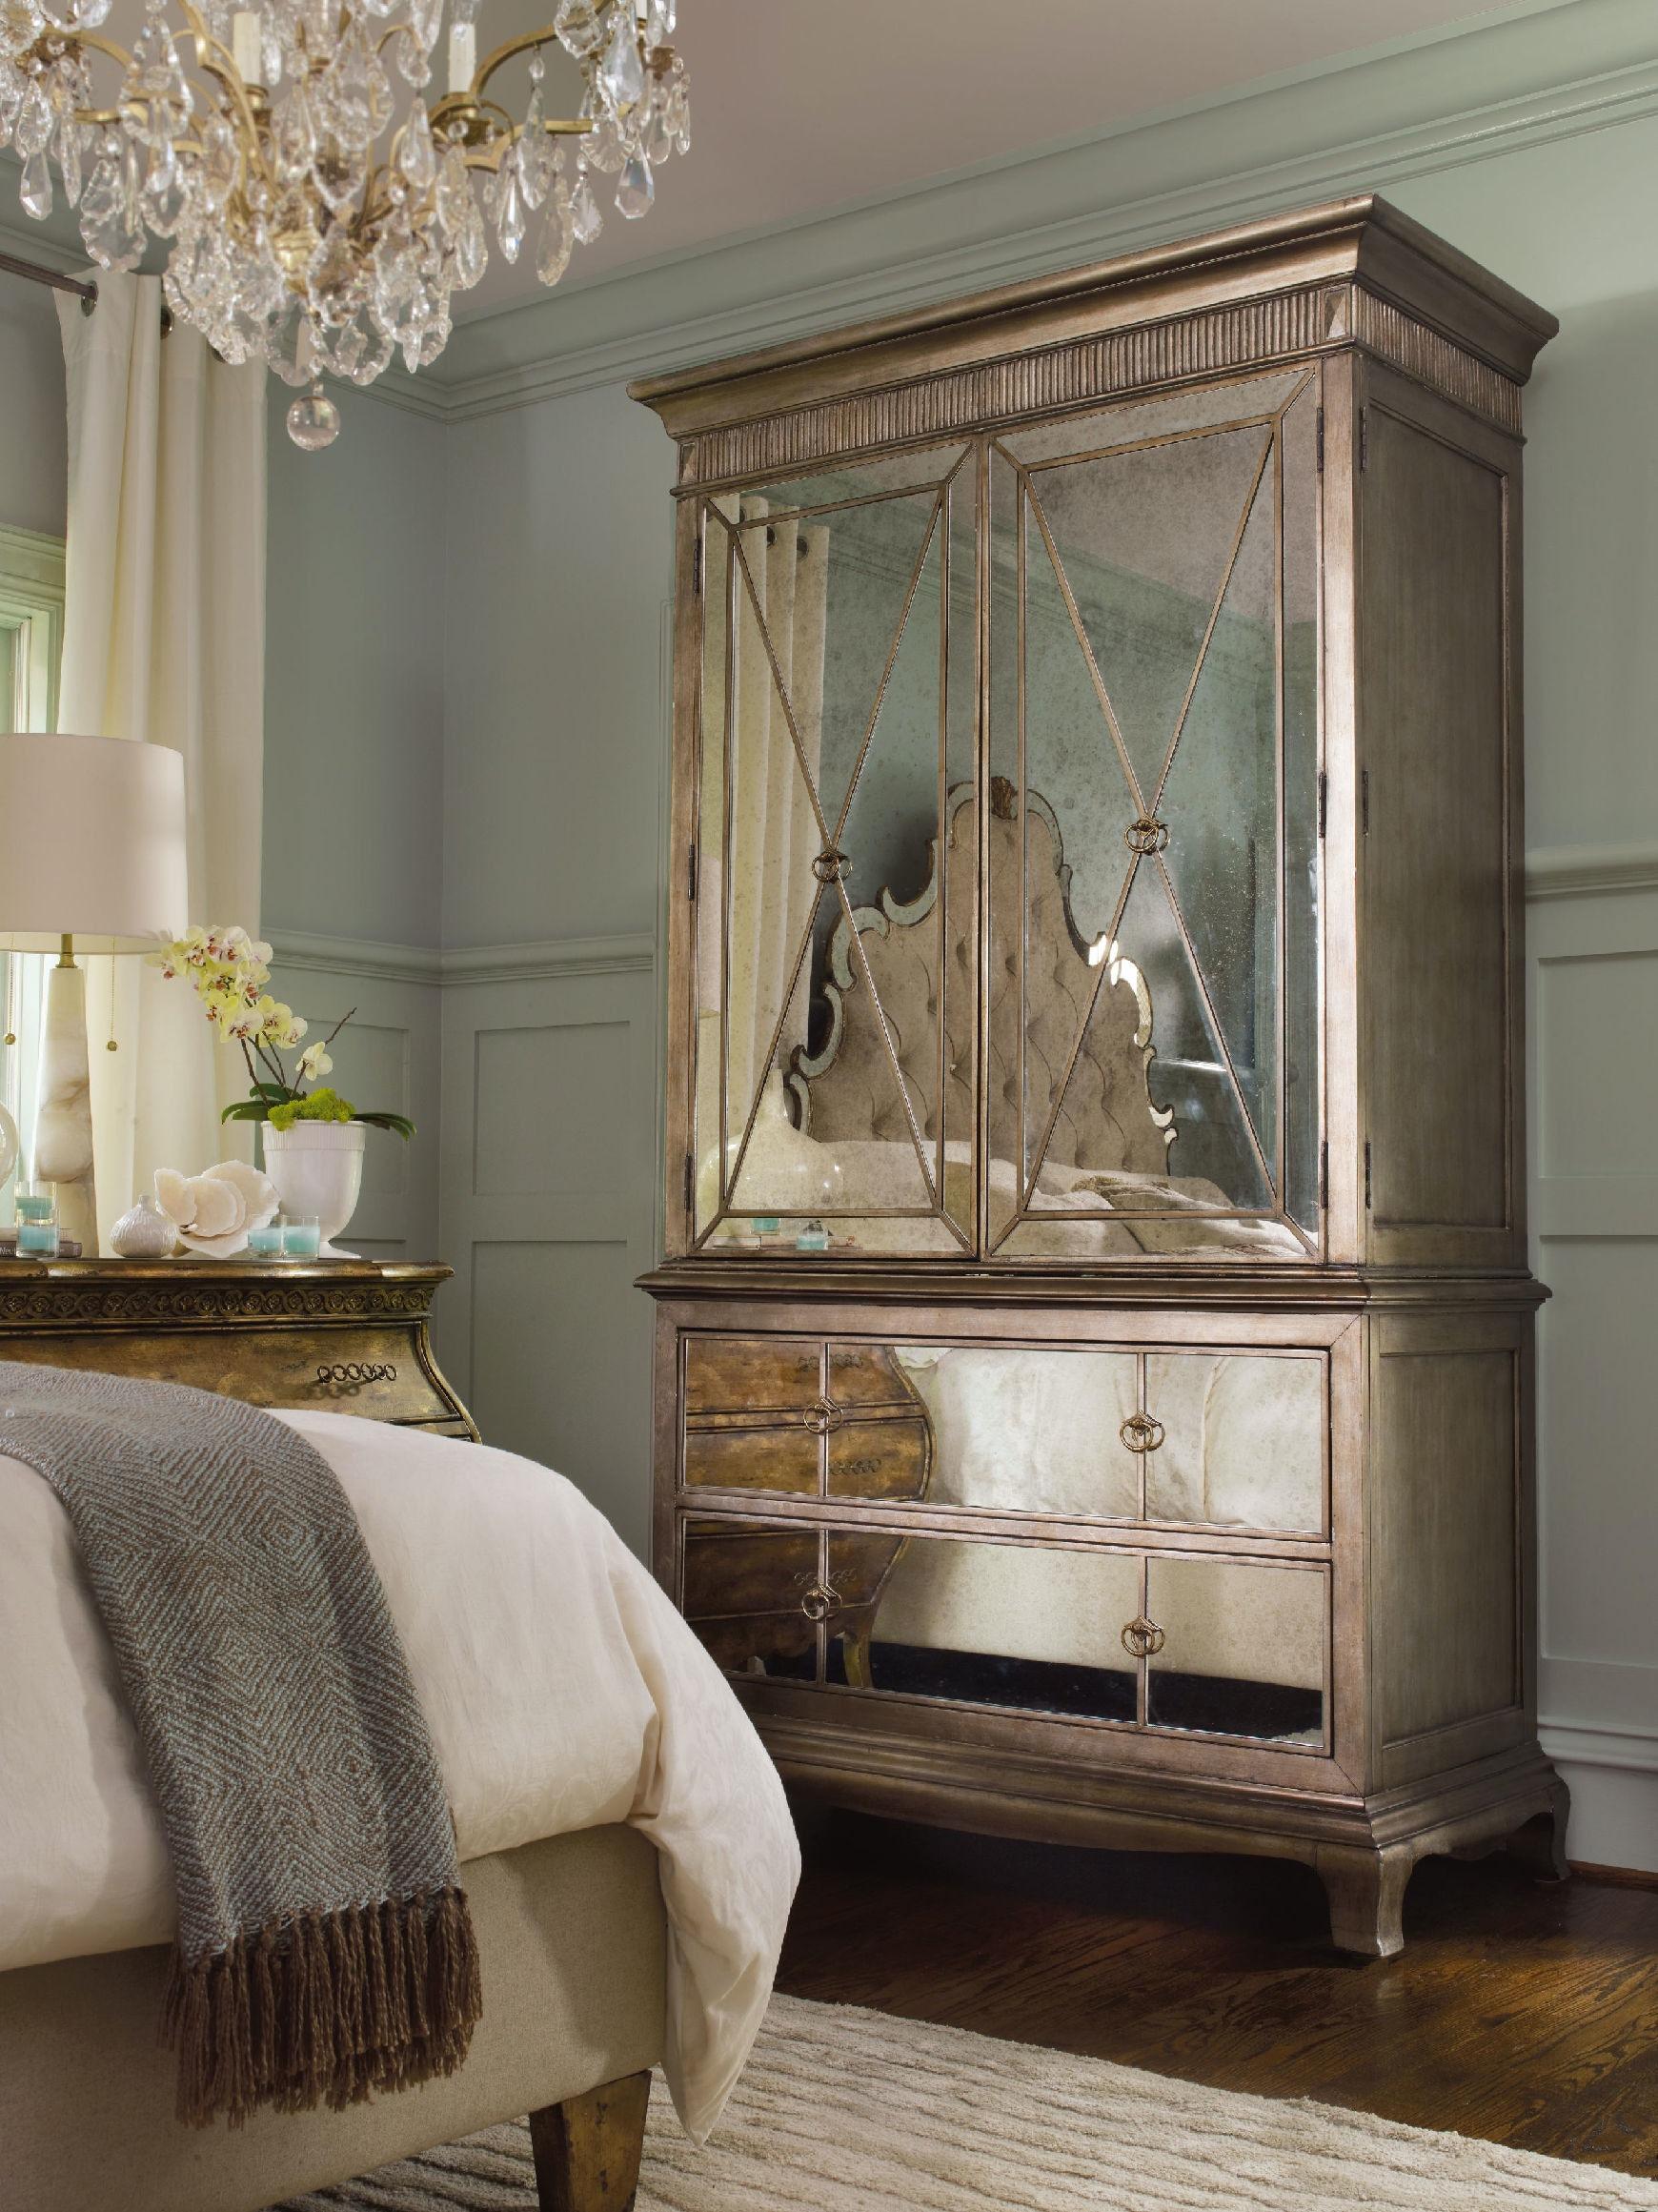 hooker furniture bedroom sanctuary armoire visage 3016 90013. Black Bedroom Furniture Sets. Home Design Ideas